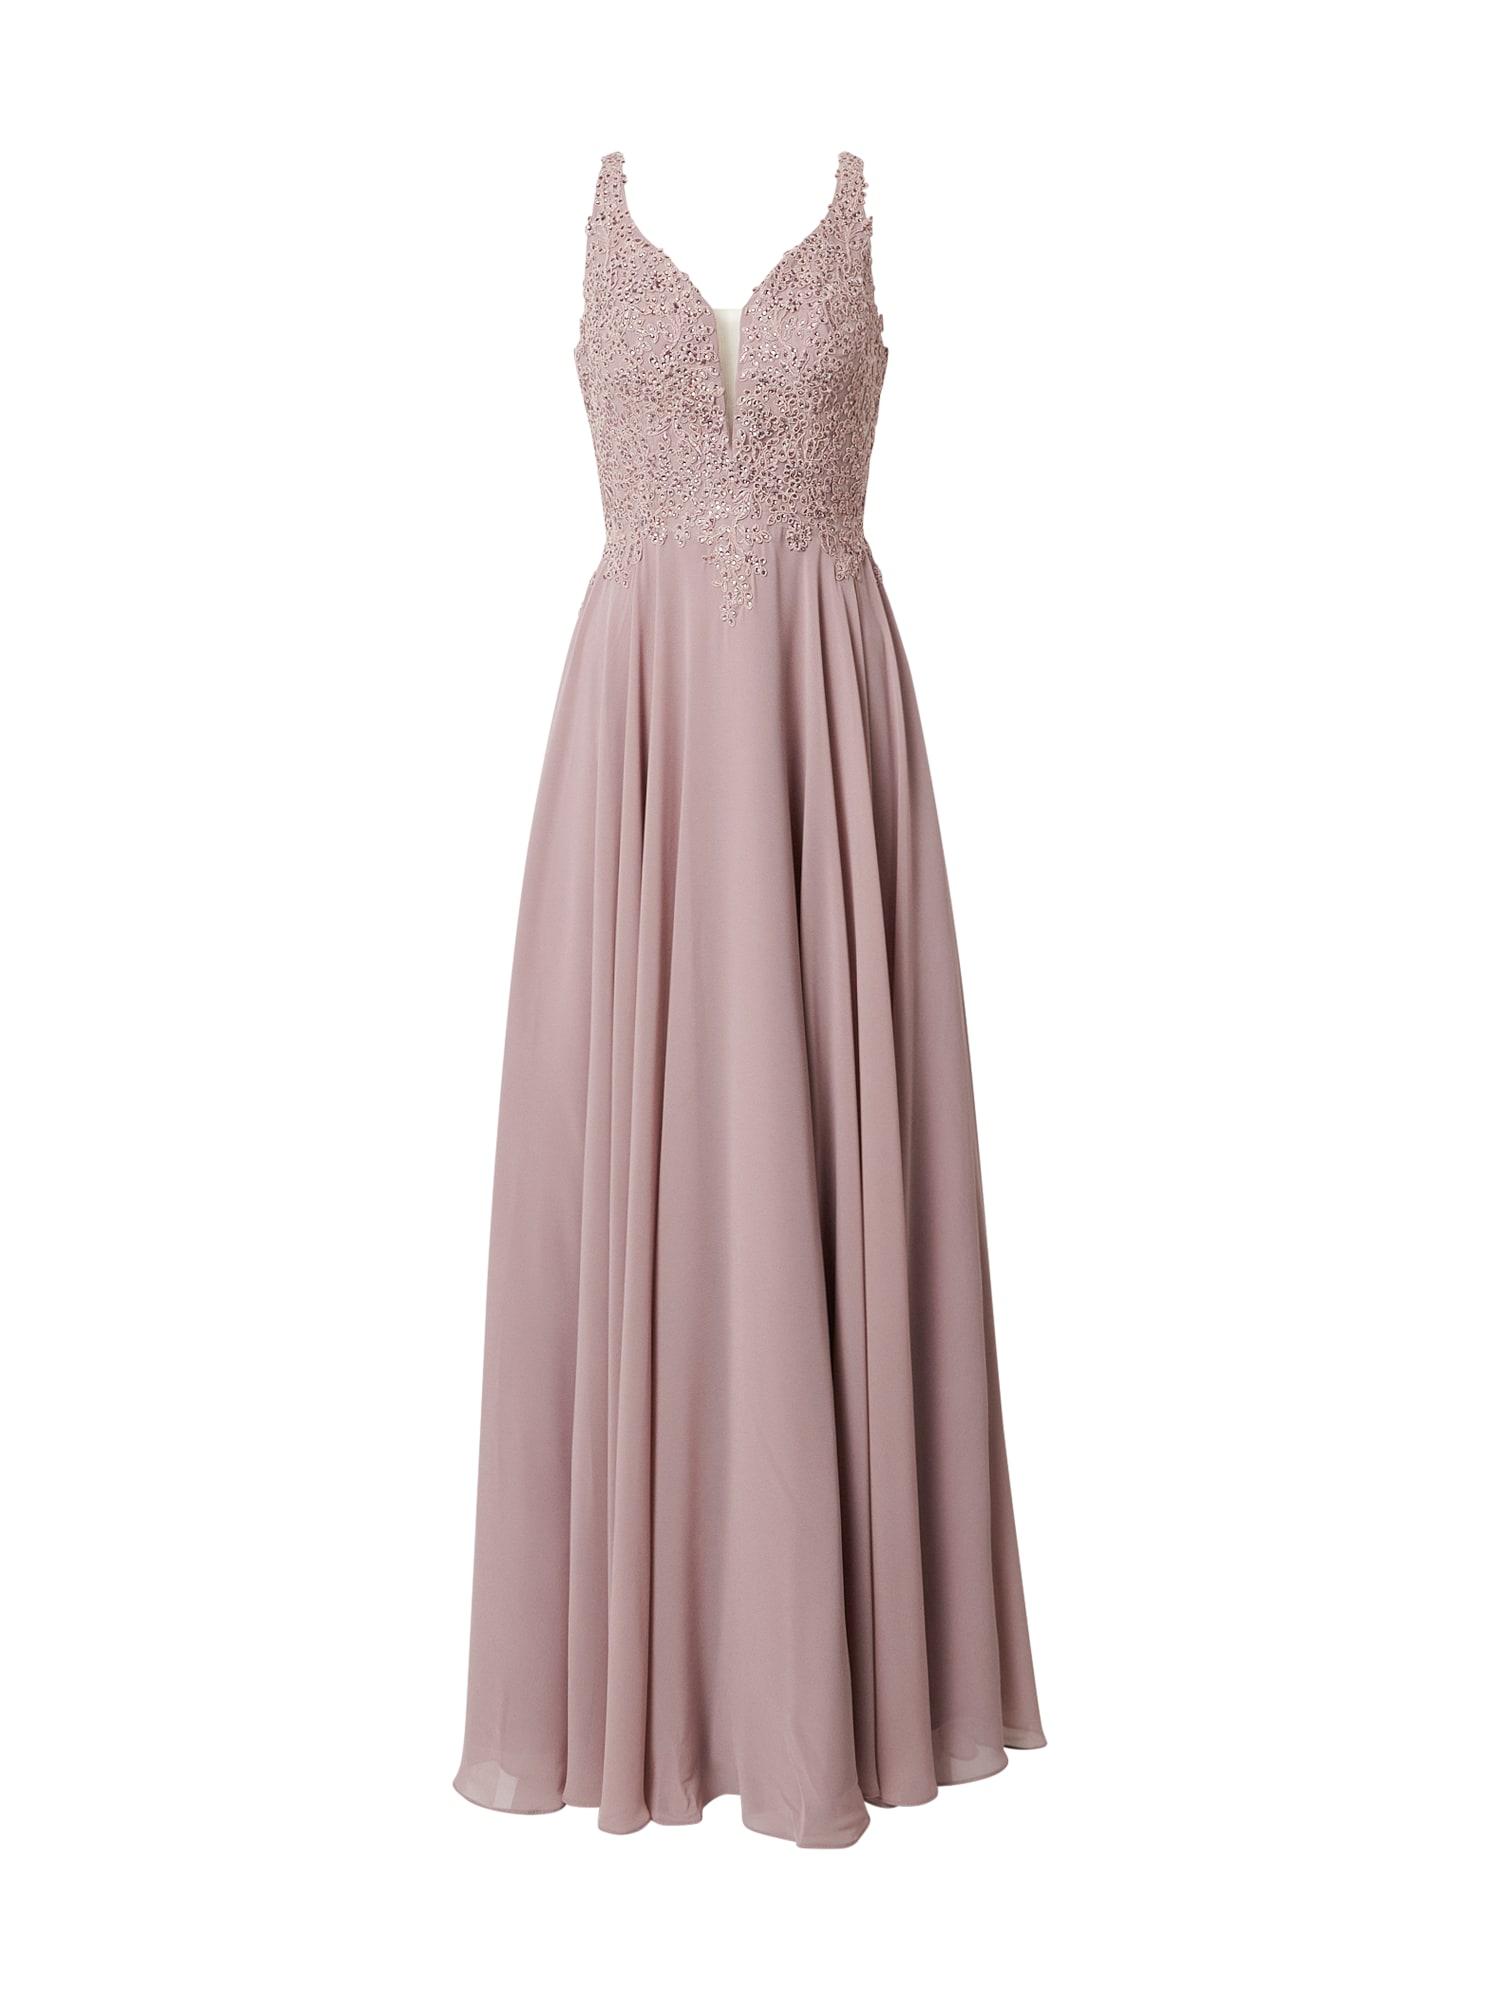 LUXUAR Vakarinė suknelė rausvai violetinė spalva